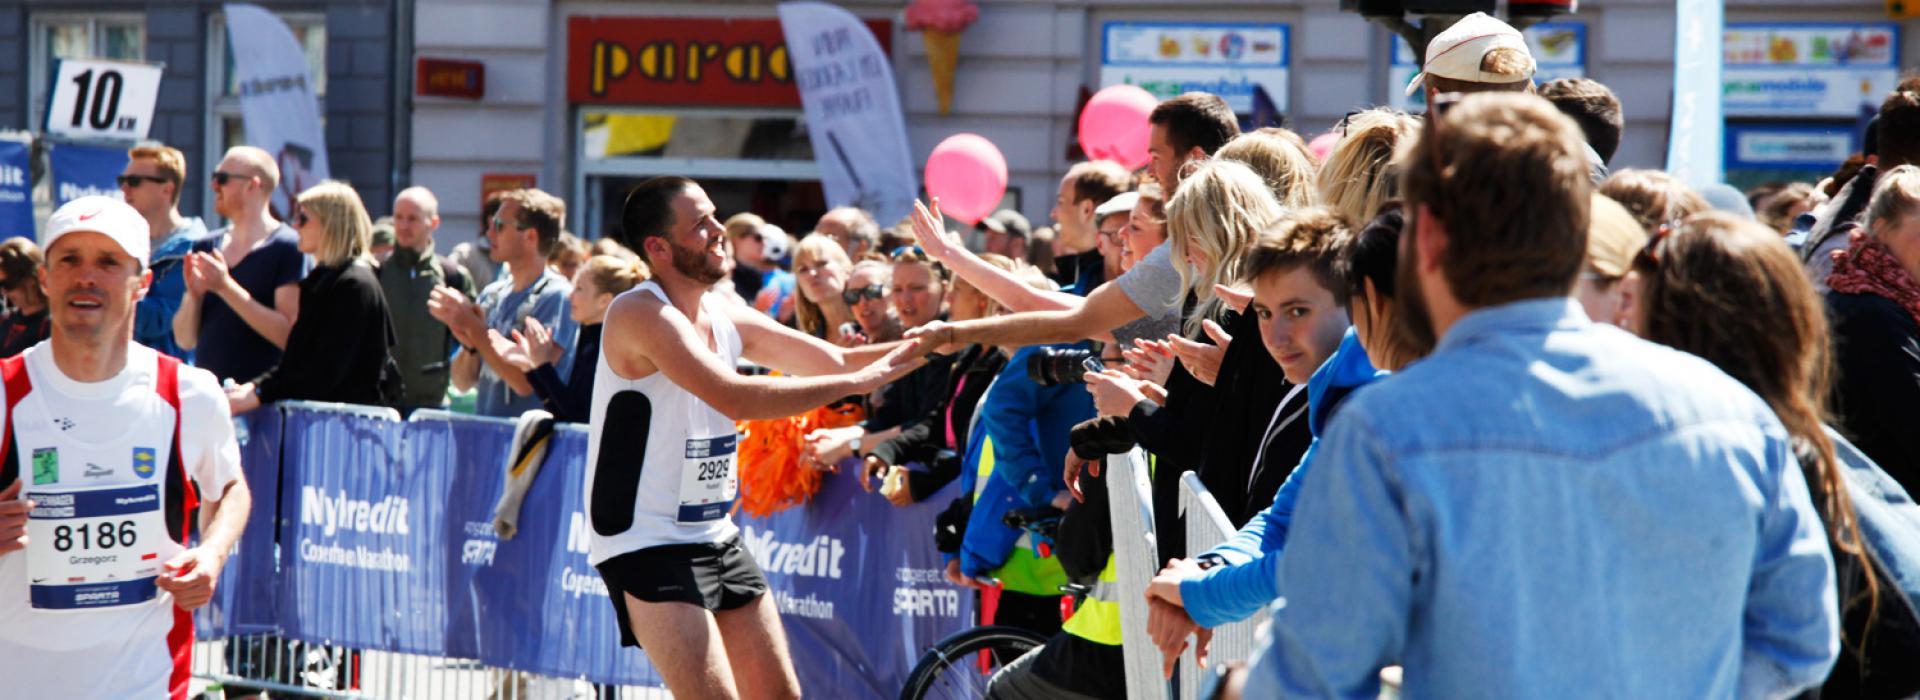 resultat copenhagen marathon 2016